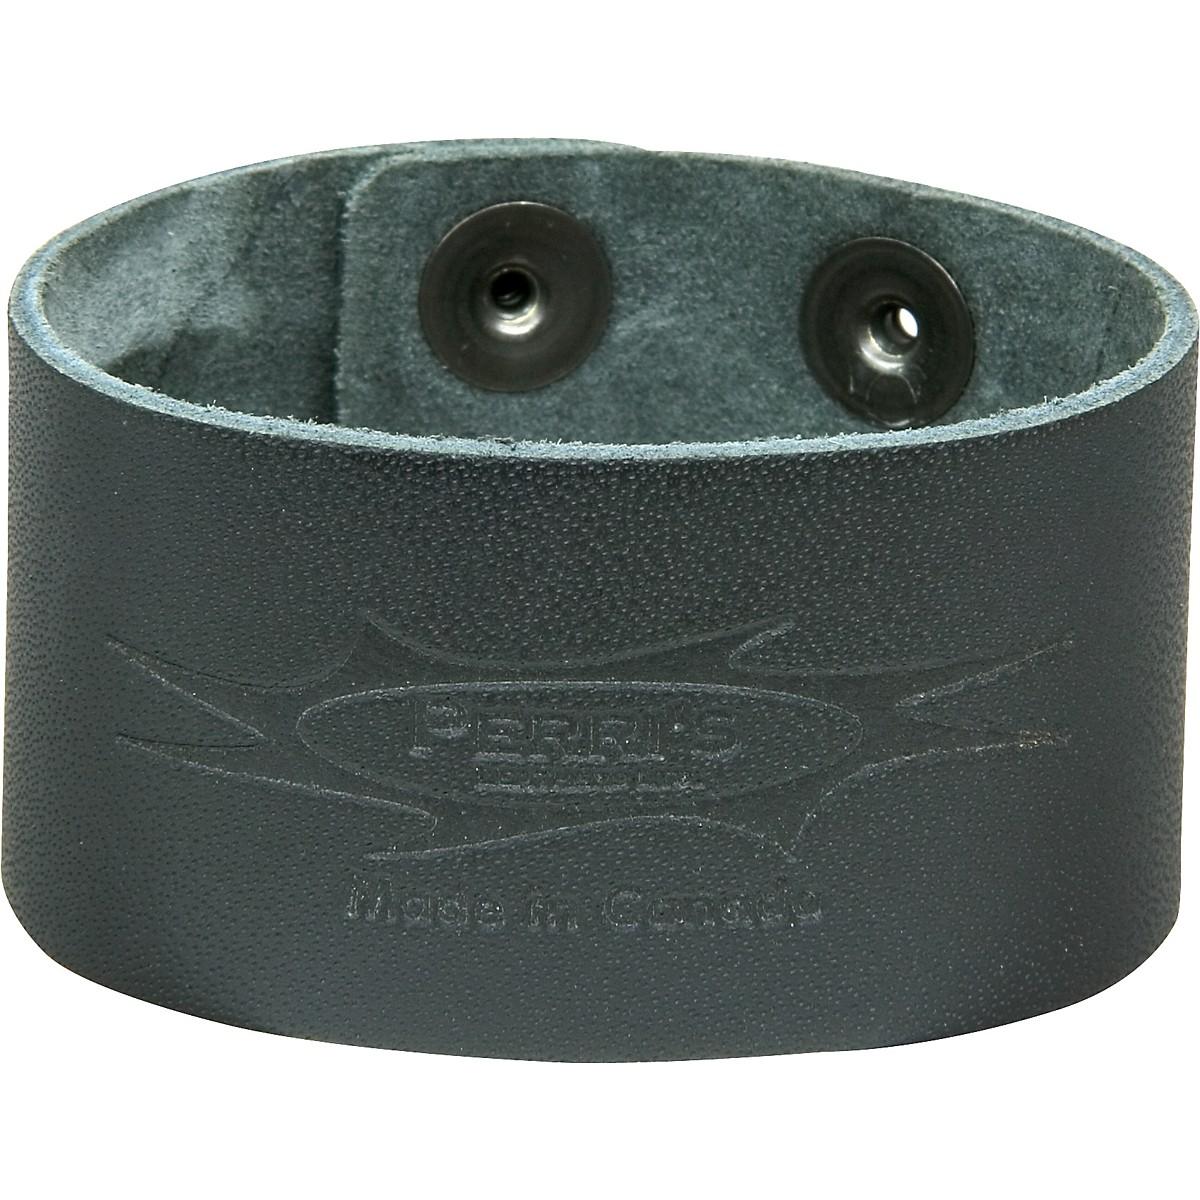 Perri's Leather Bracelet with Perri's Logo